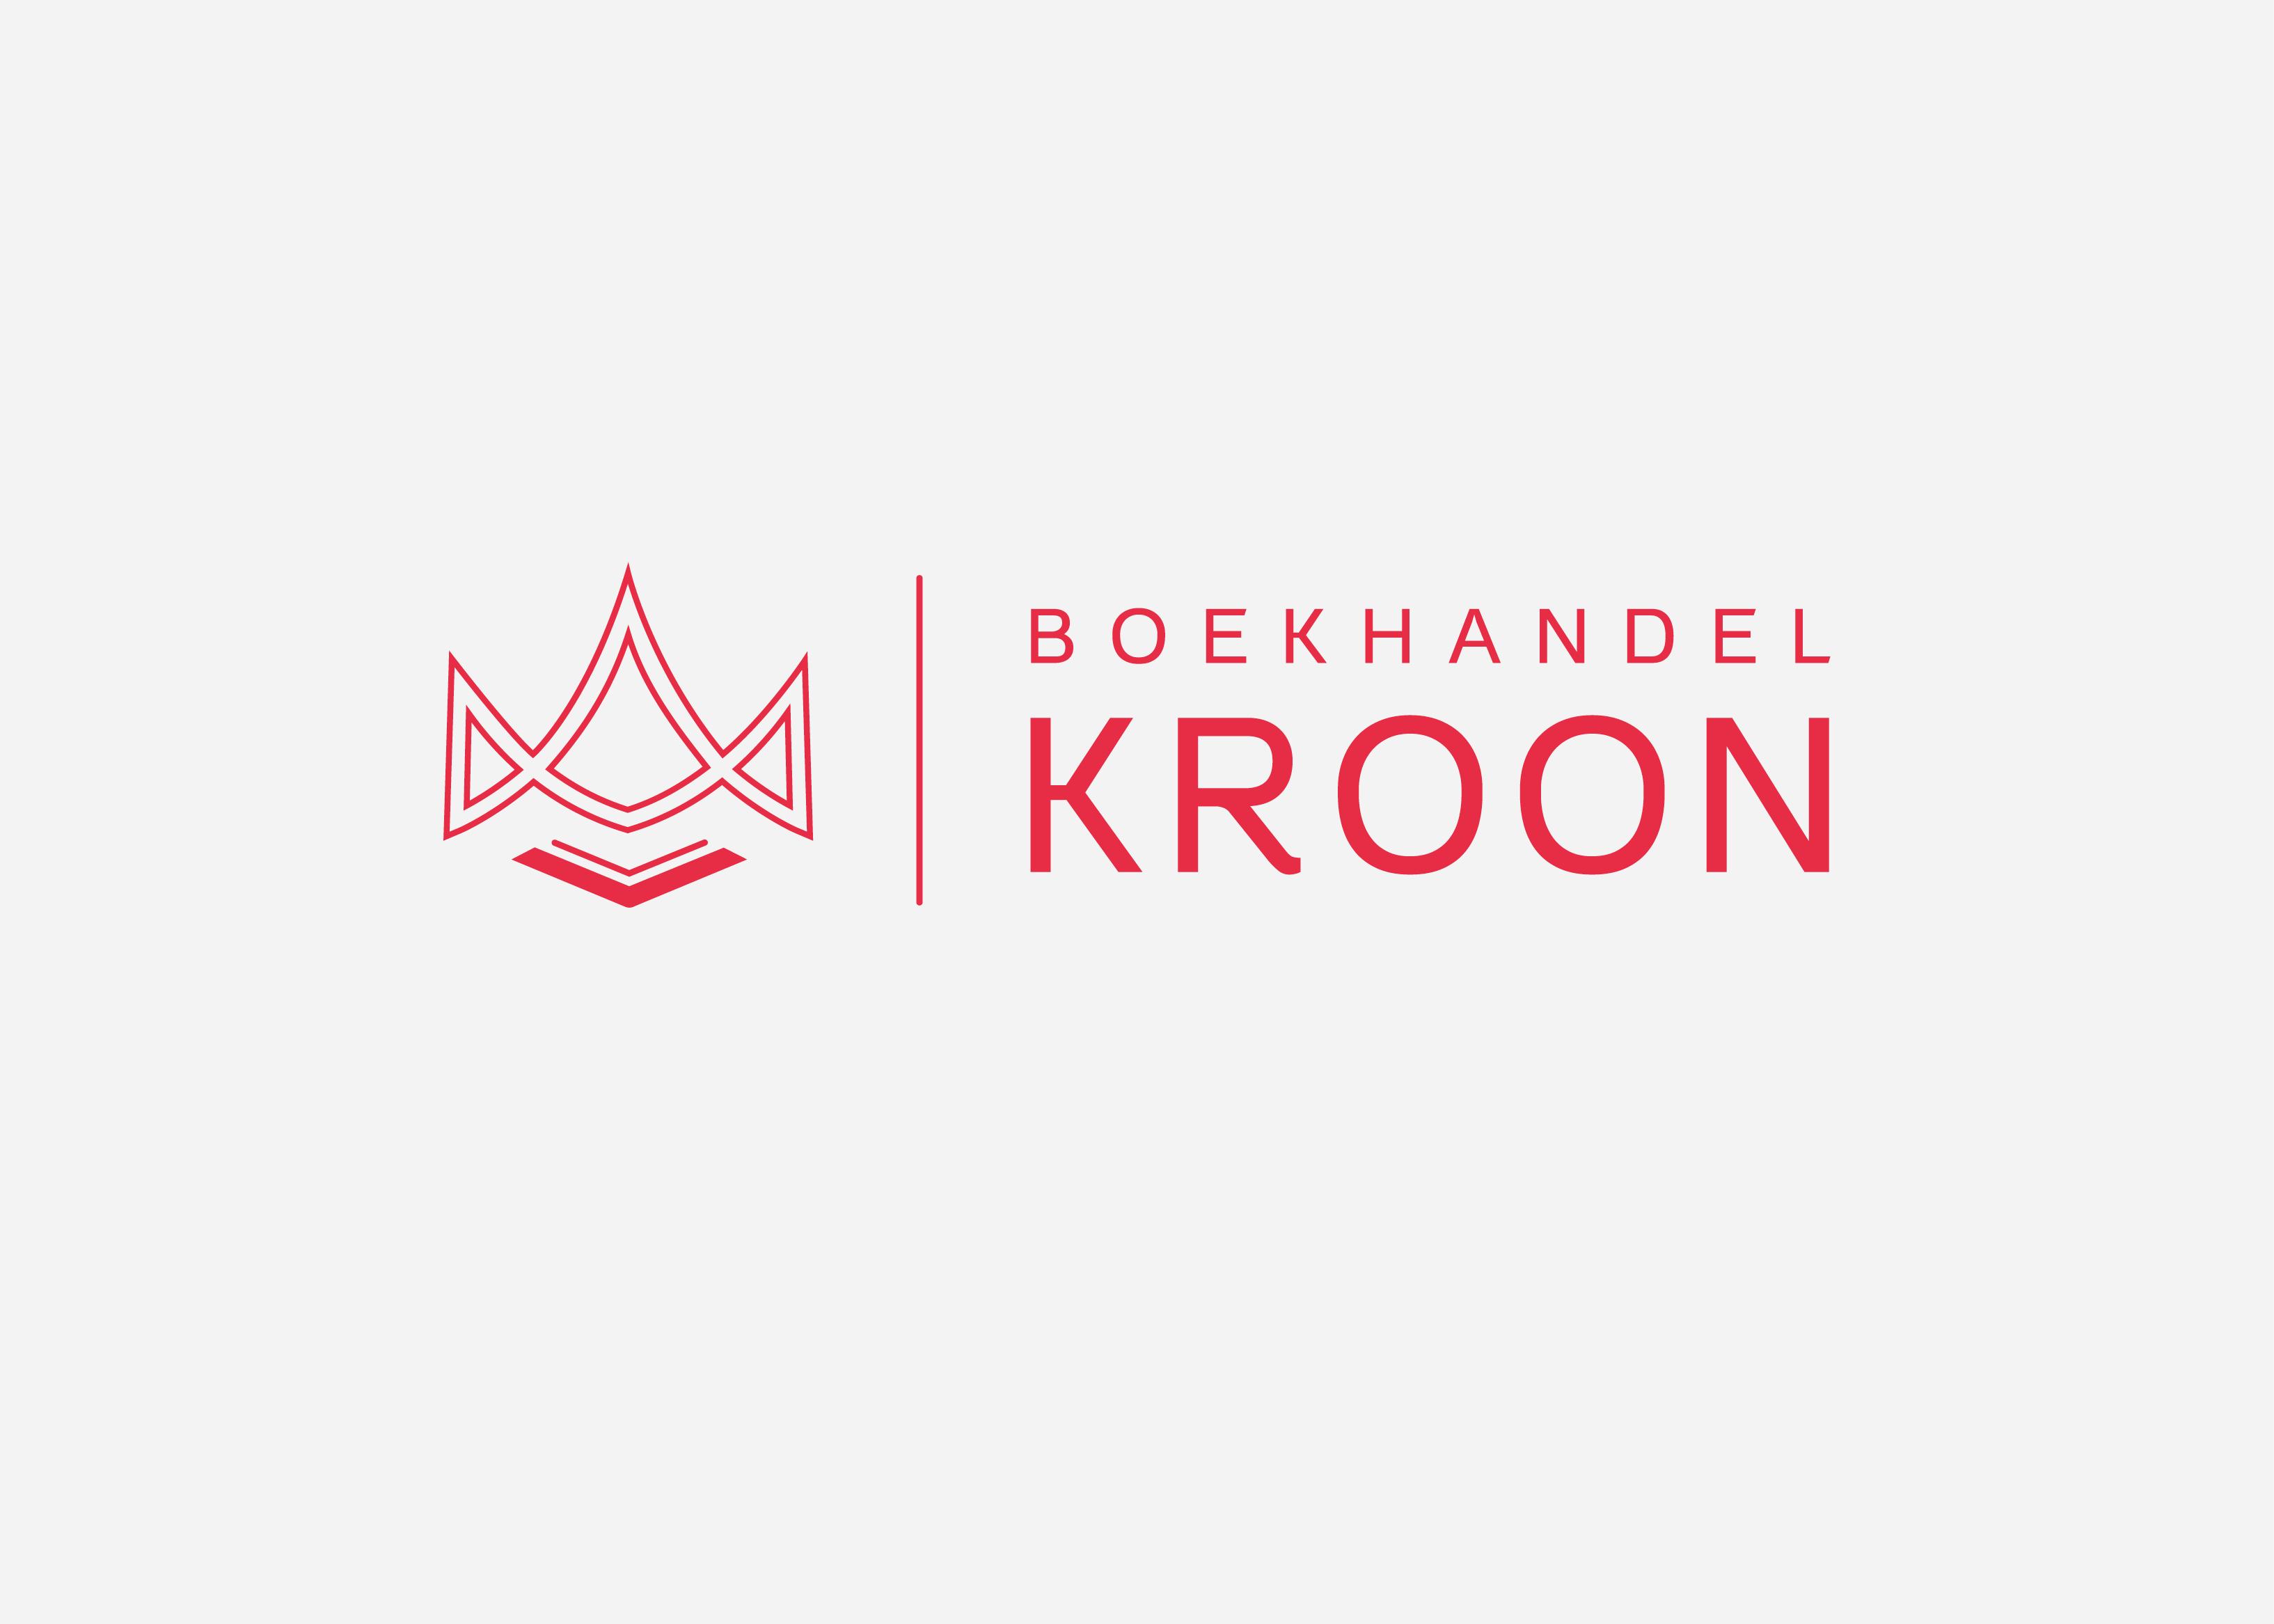 Boekhandel Kroon Logo Ontwerp gemaakt door burowit in kampen